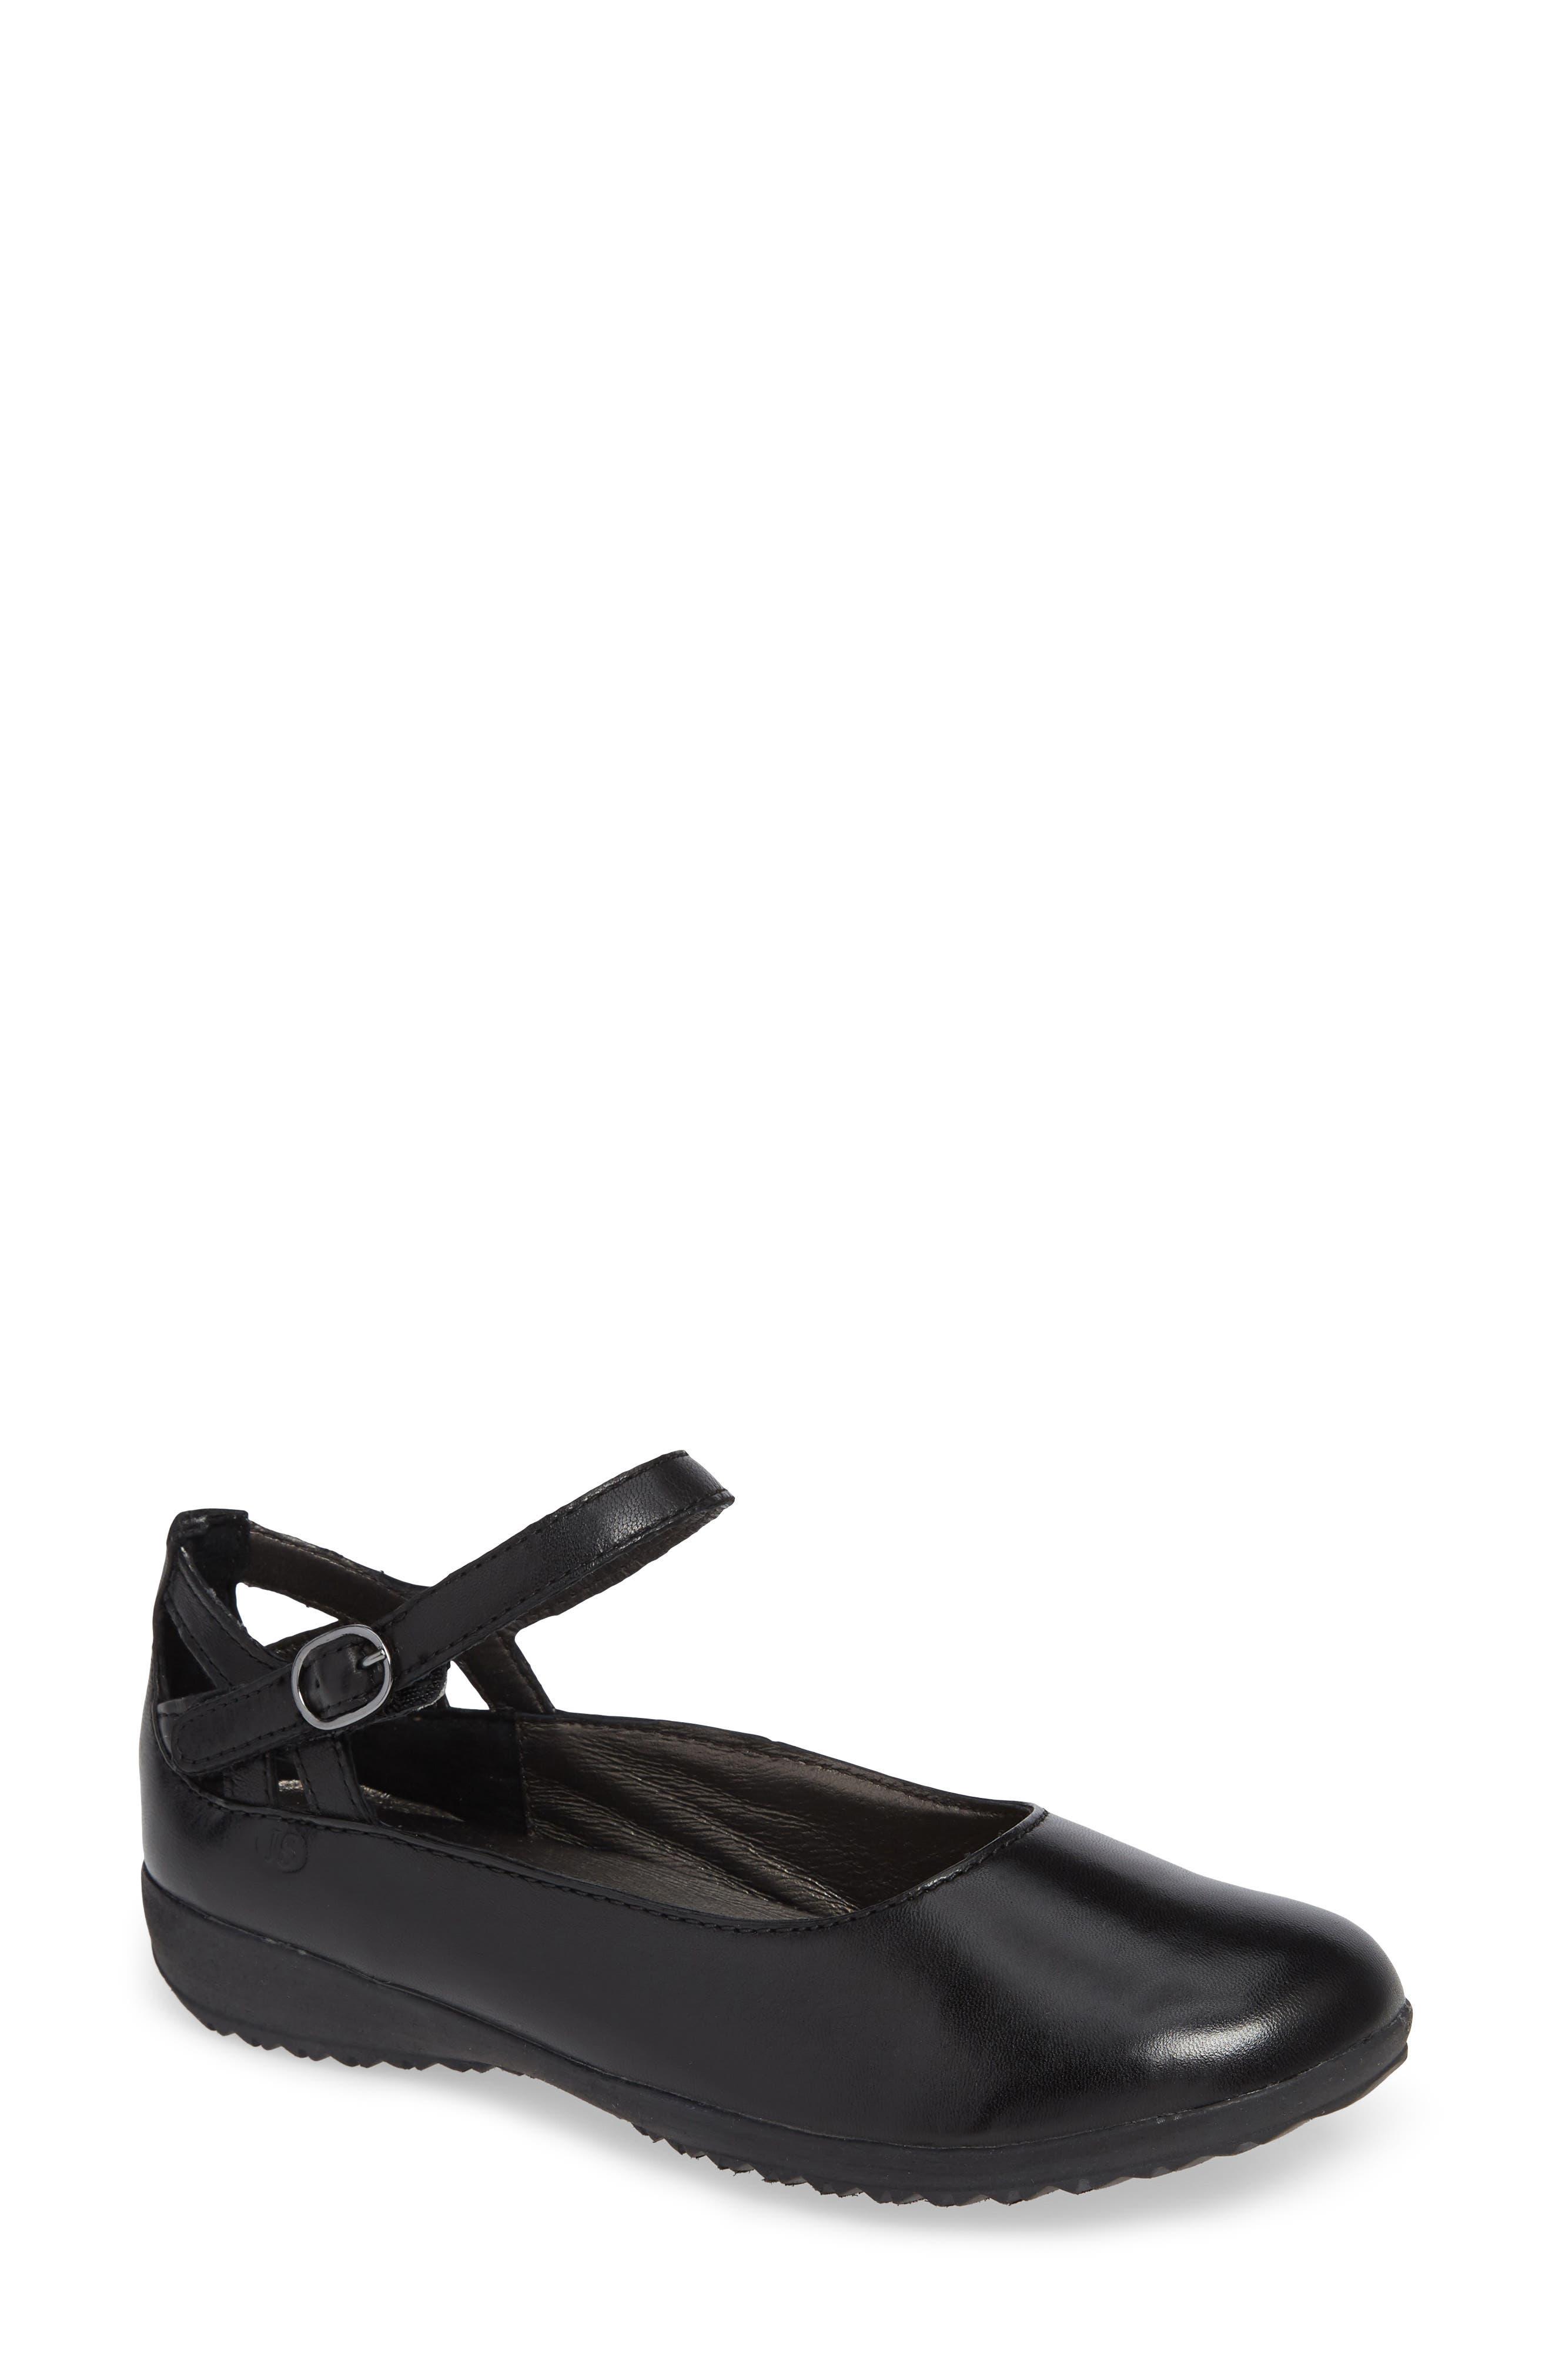 Josef Seibel Naly 22 Shoe, Black